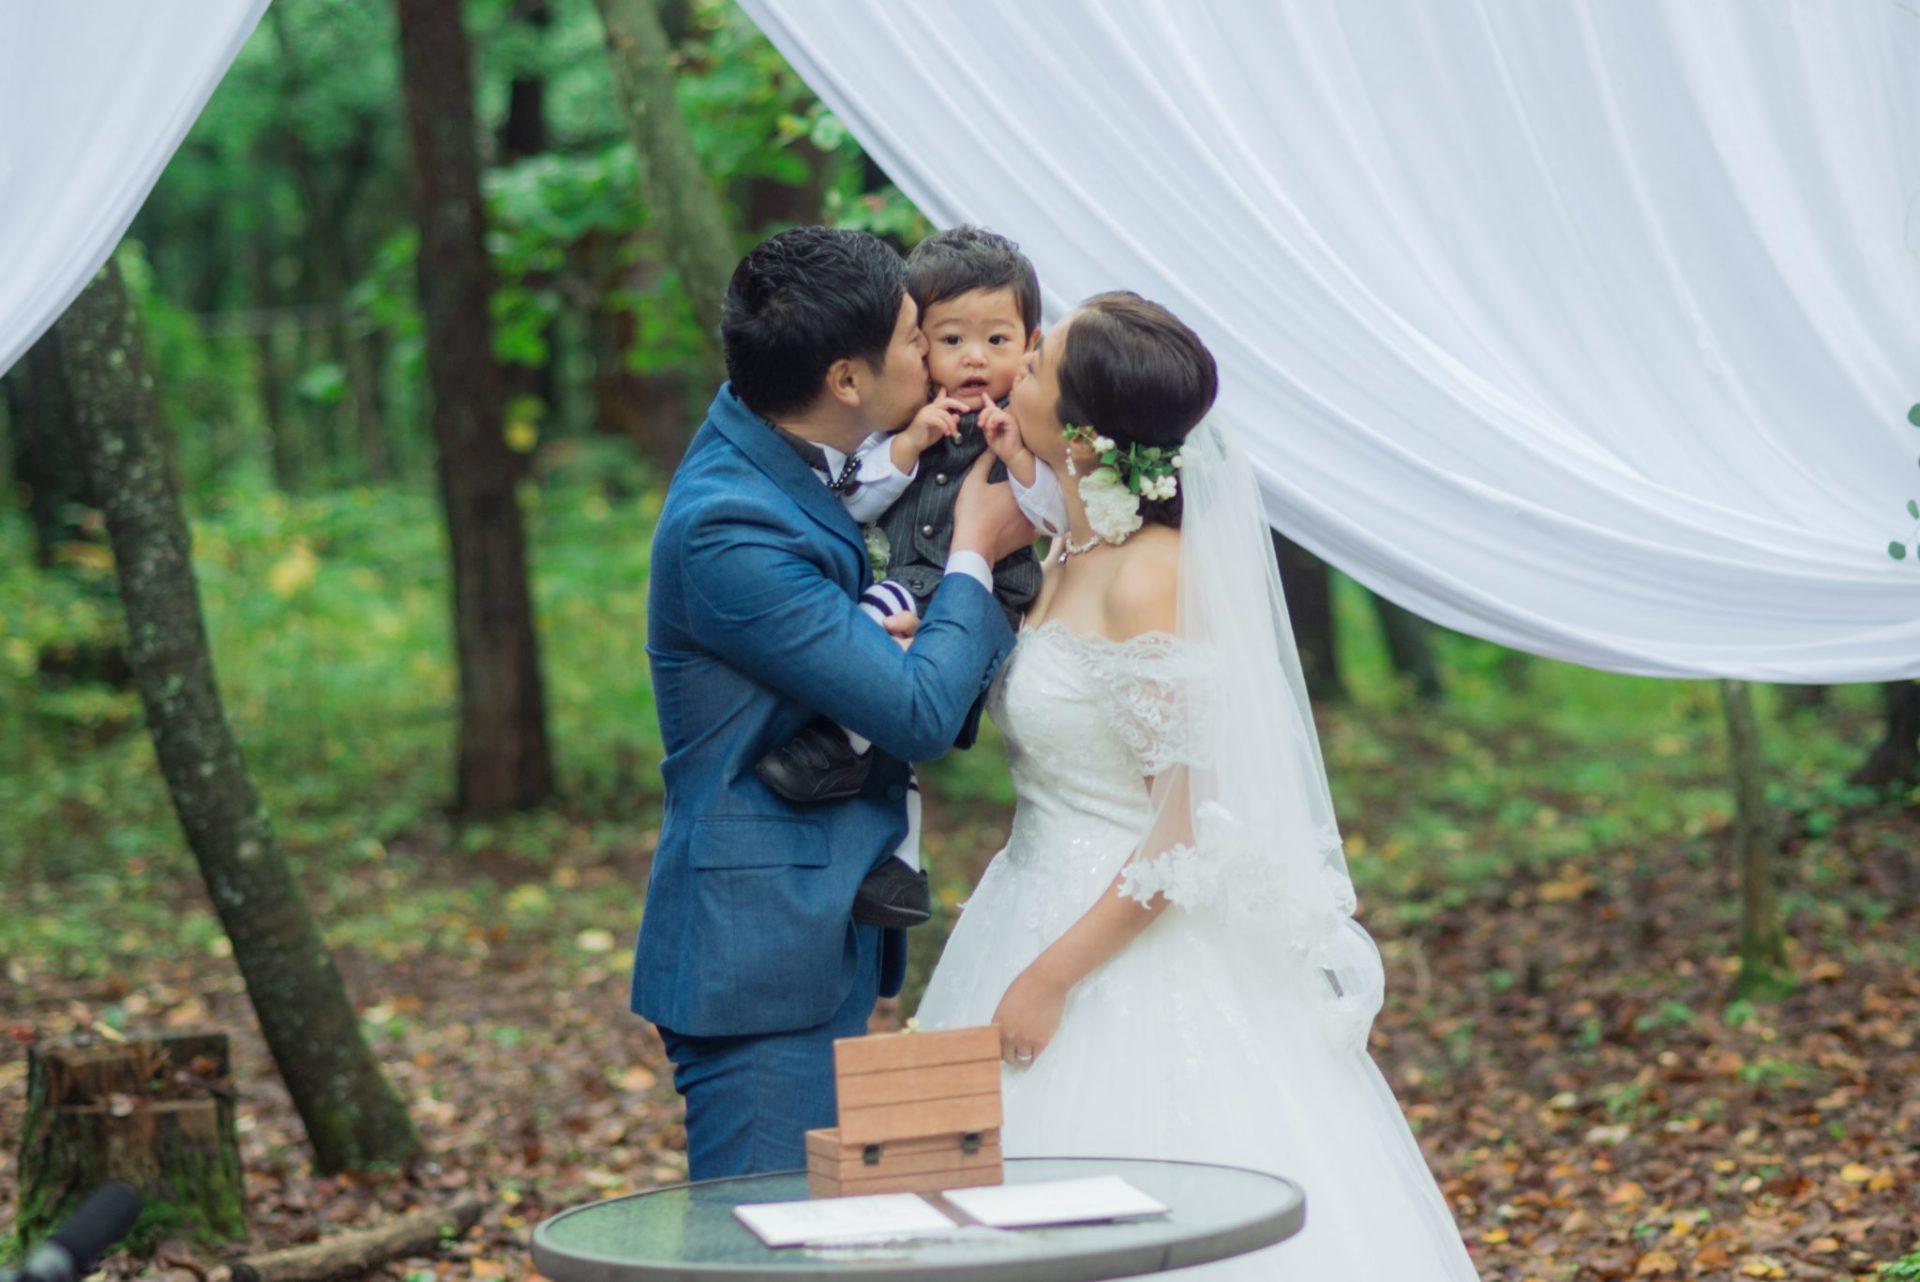 べるが(verga)での結婚式-誓いのキス